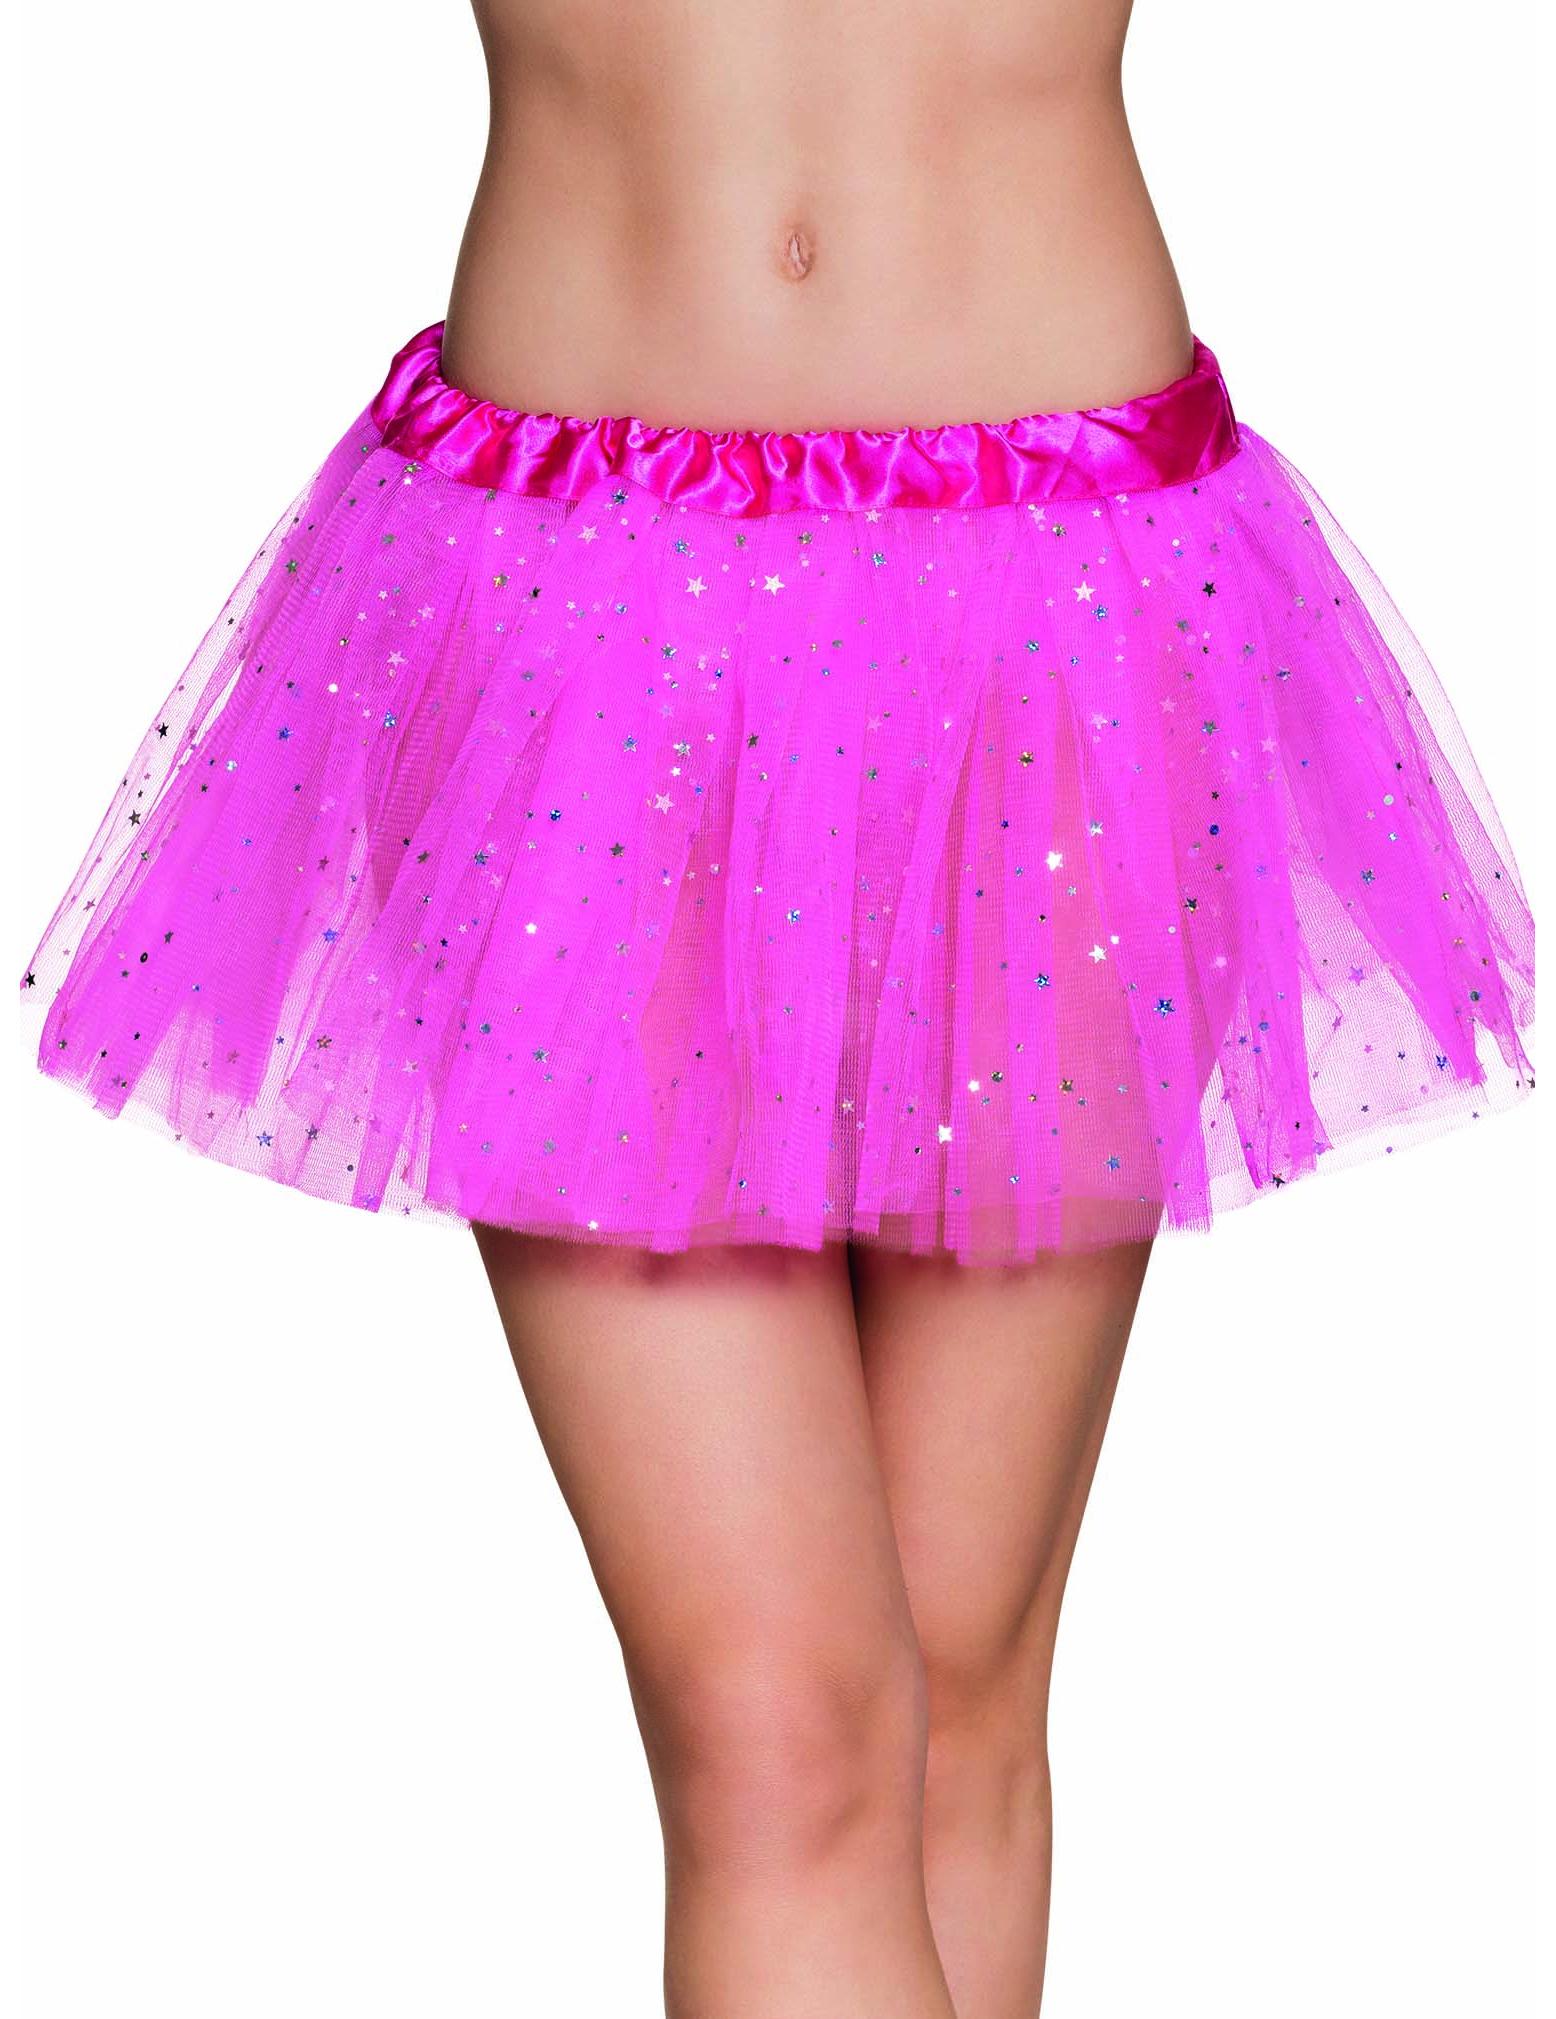 7f08b1aa58cd Süßer Tüllrock Fee Tutu mit Sternchen für Damen pink-silber